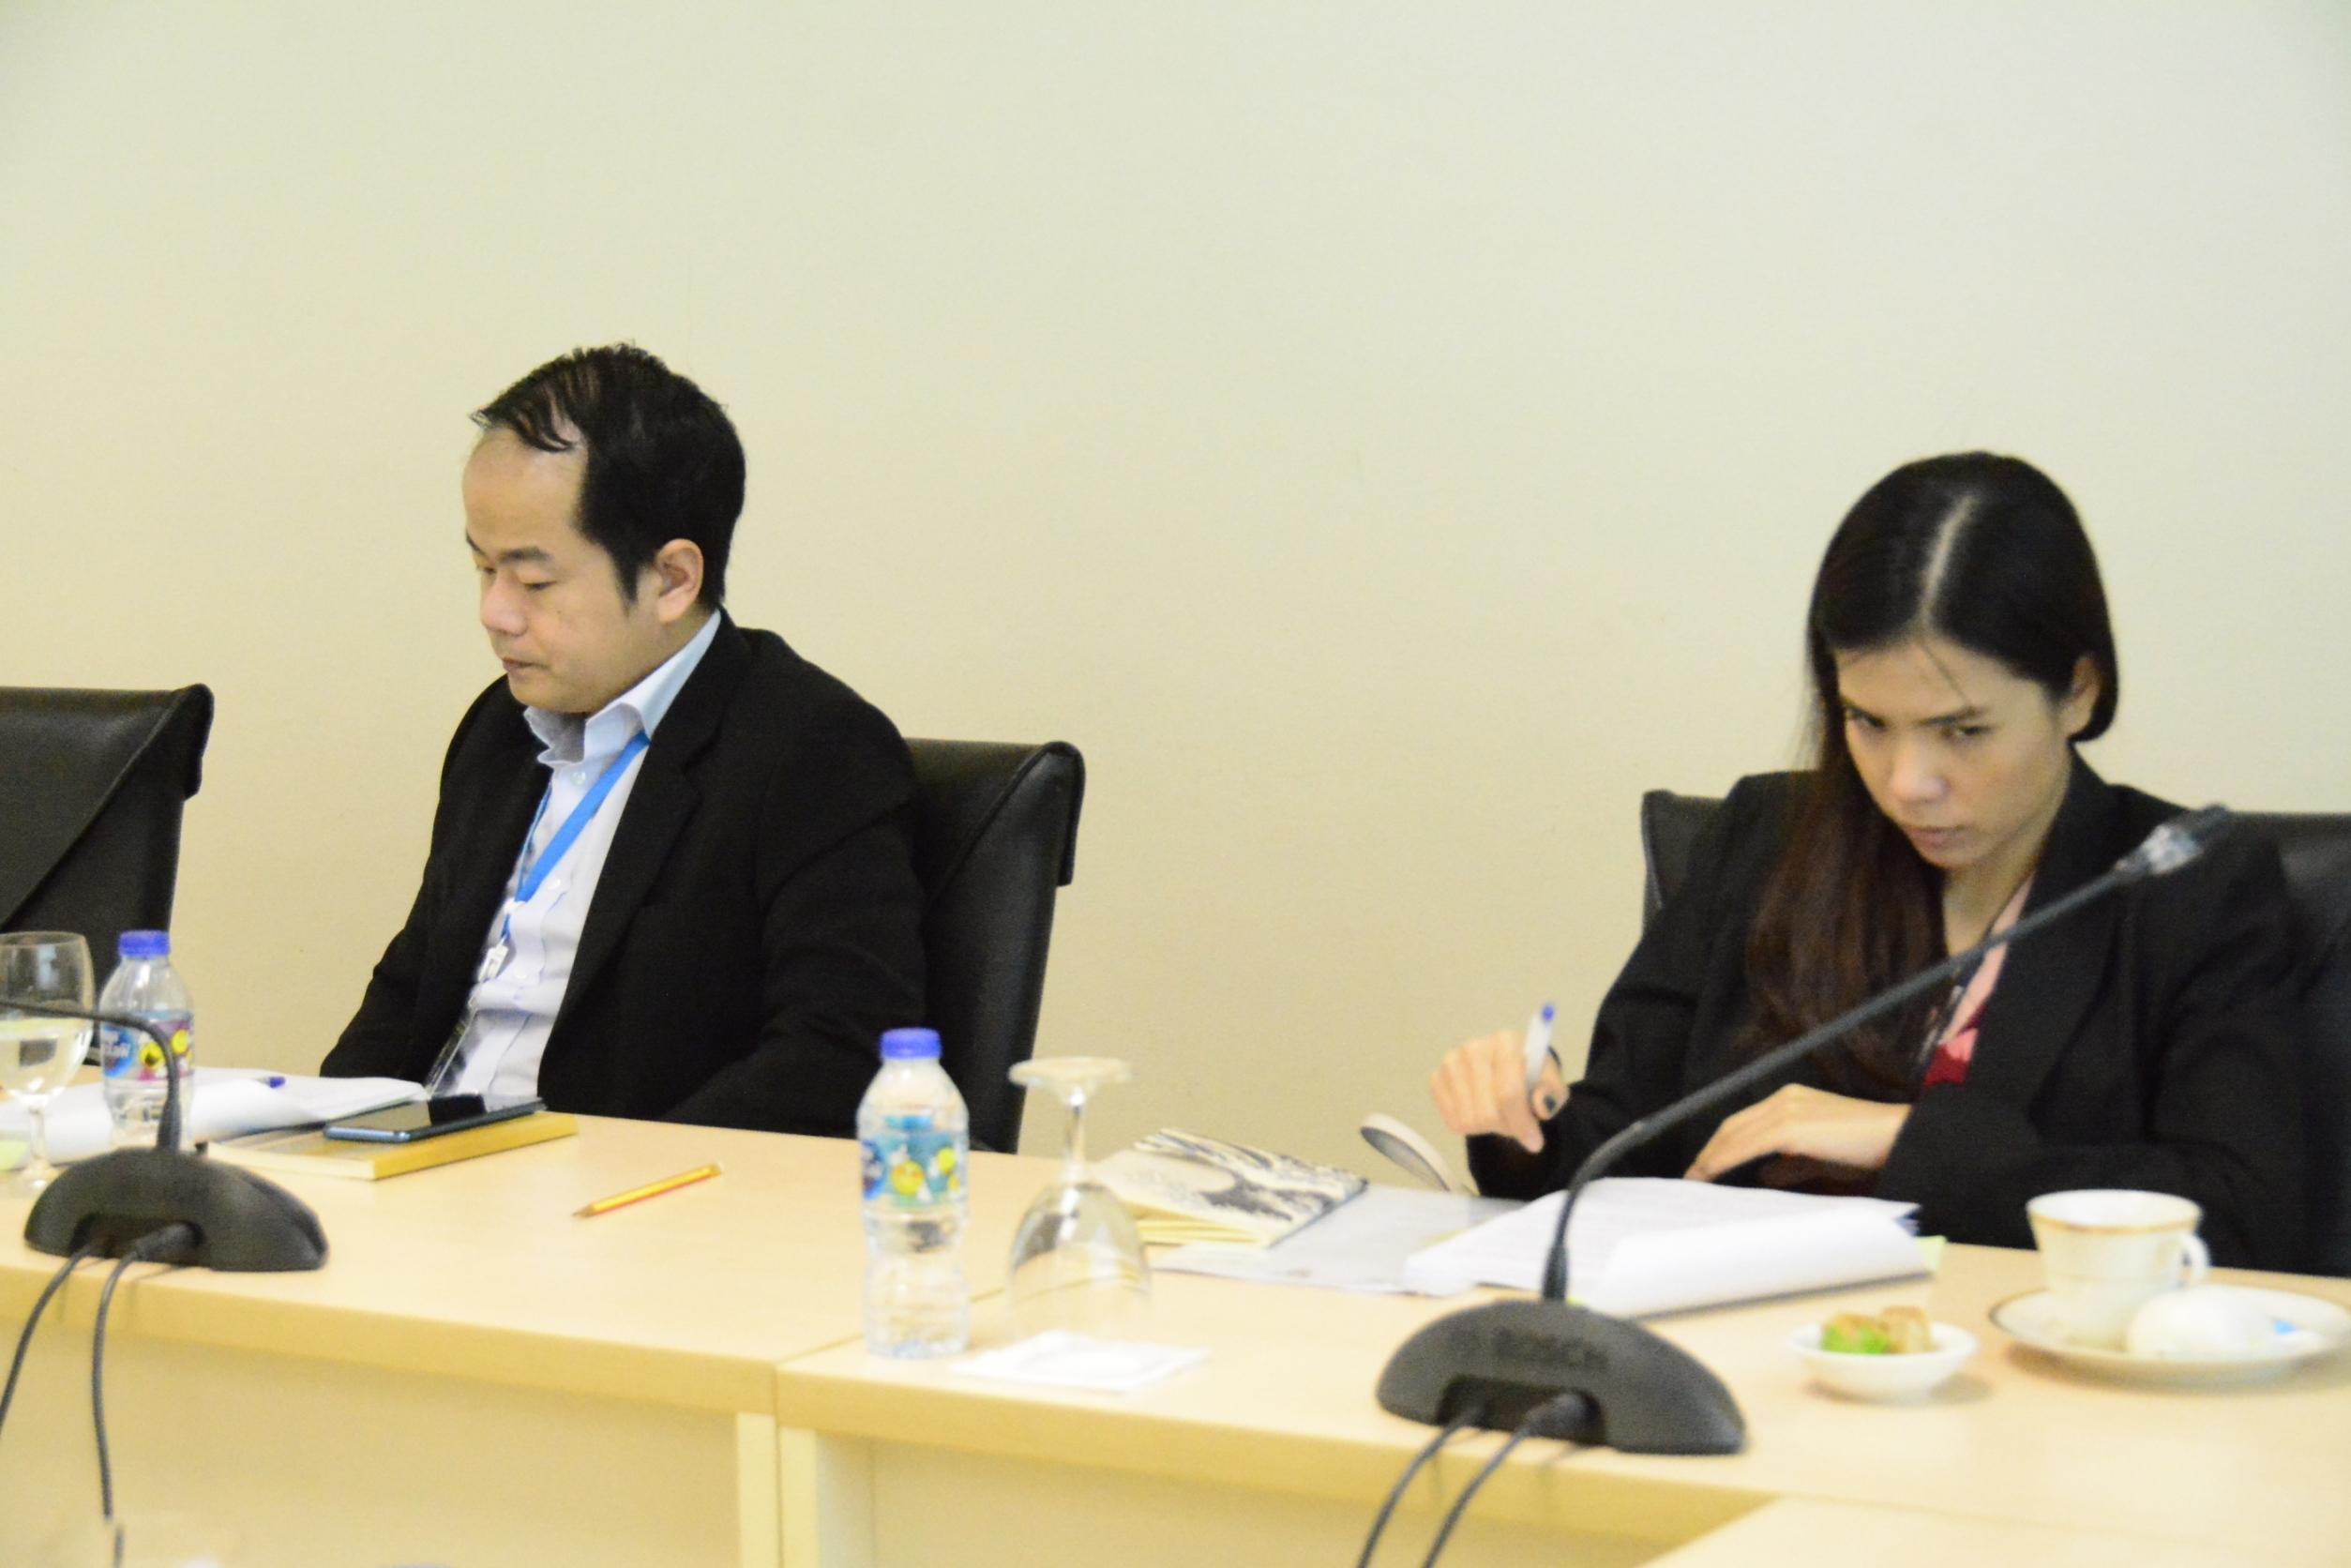 ผู้ตรวจราชการกรม ประชุมคณะอนุกรรมการพิจารณากลั่นกรองการจัดสรรเงินกองทุนเพื่อการบริหารจัดการการทำงานของคนต่างด้าว ประจำปีงบประมาณ 2563 ครั้งที่ 6/2563